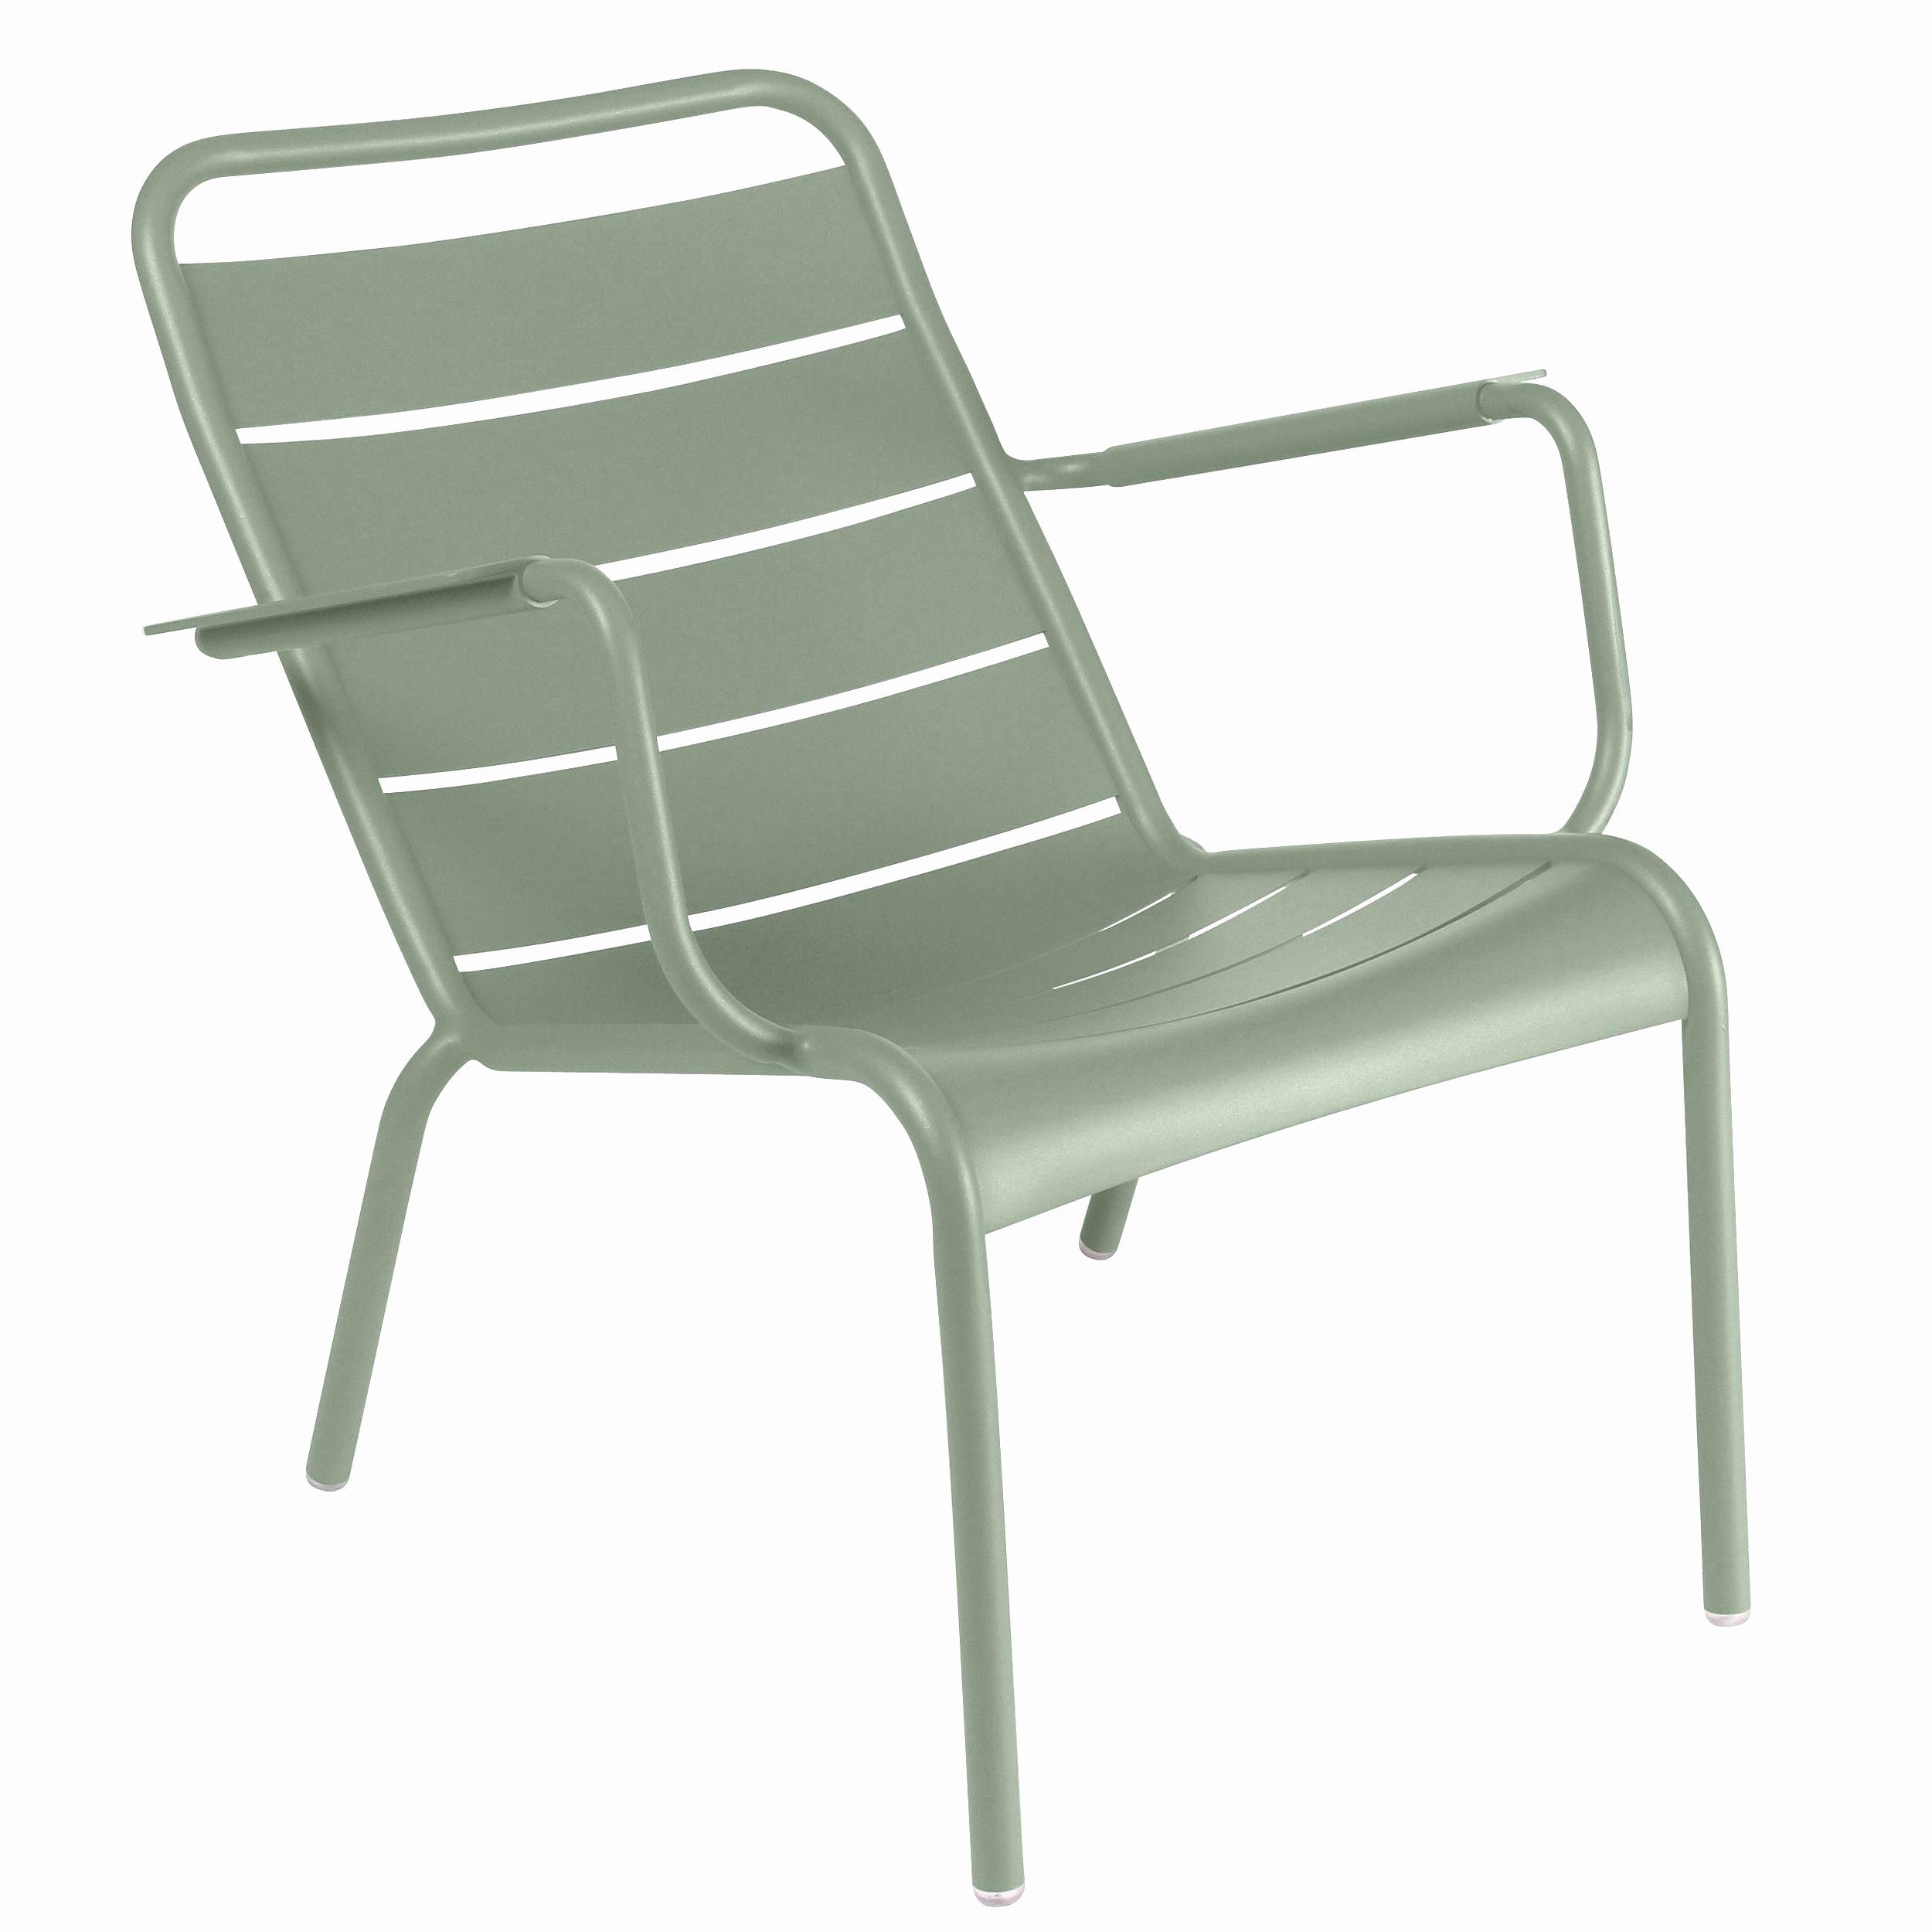 coussin chaise ikea unique fauteuil de jardin ikea beautiful chaise ikea cuisine cuisine of coussin chaise ikea